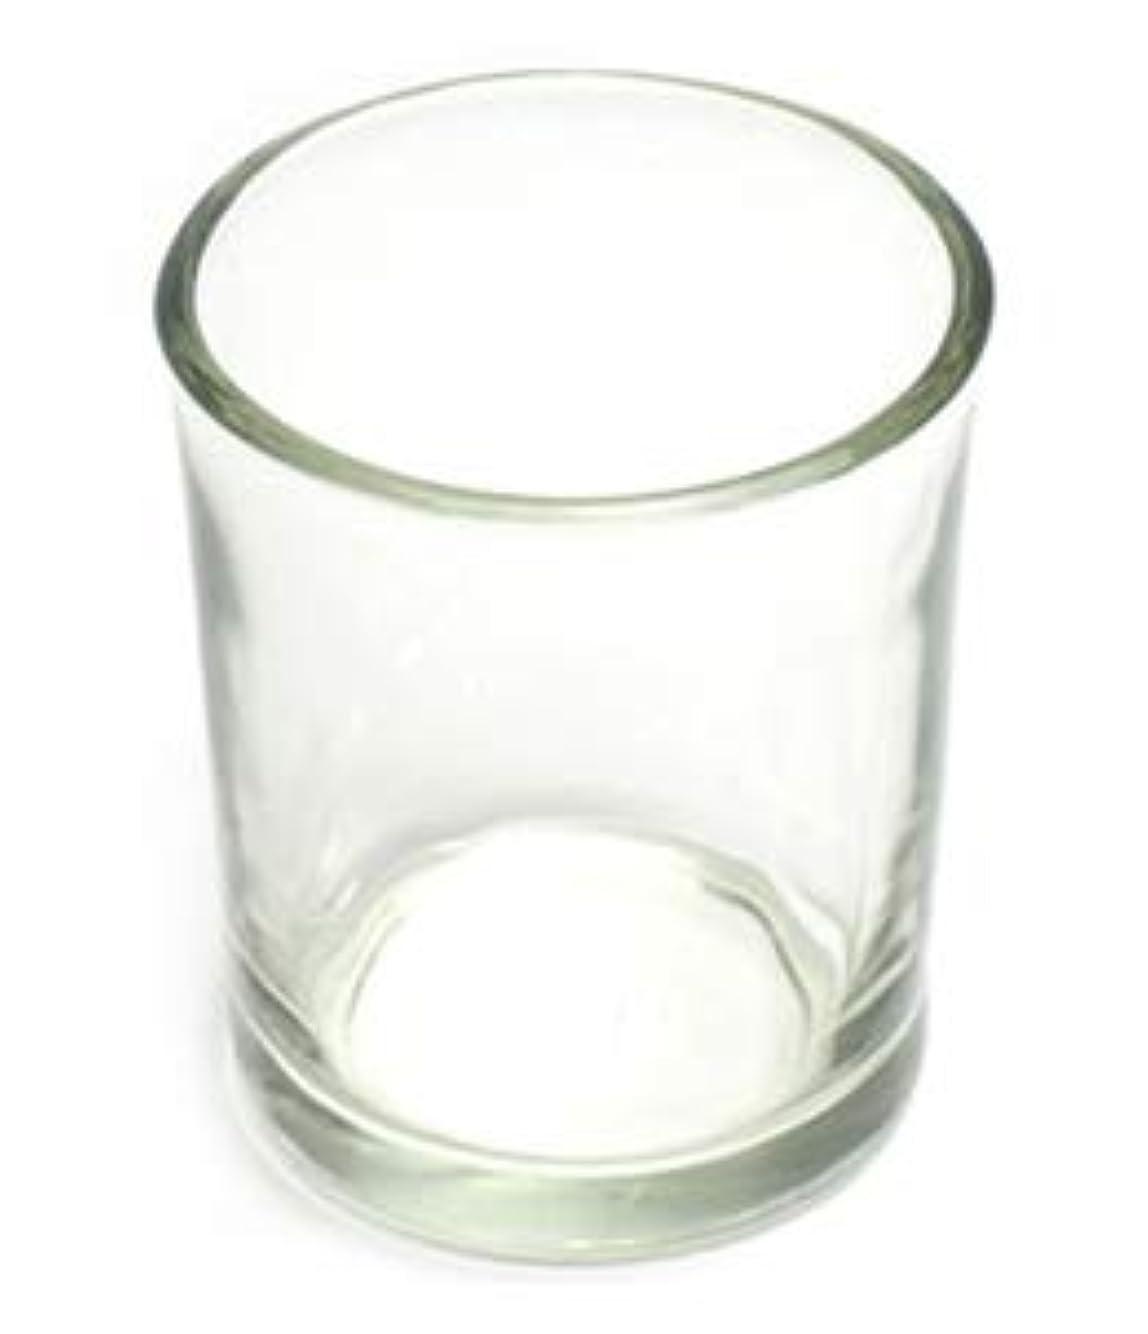 検索エンジンマーケティングドキドキねじれキャンドルホルダー ガラス シンプル[小] 1個 キャンドルスタンド 透明 クリア おしゃれ ろうそく立て